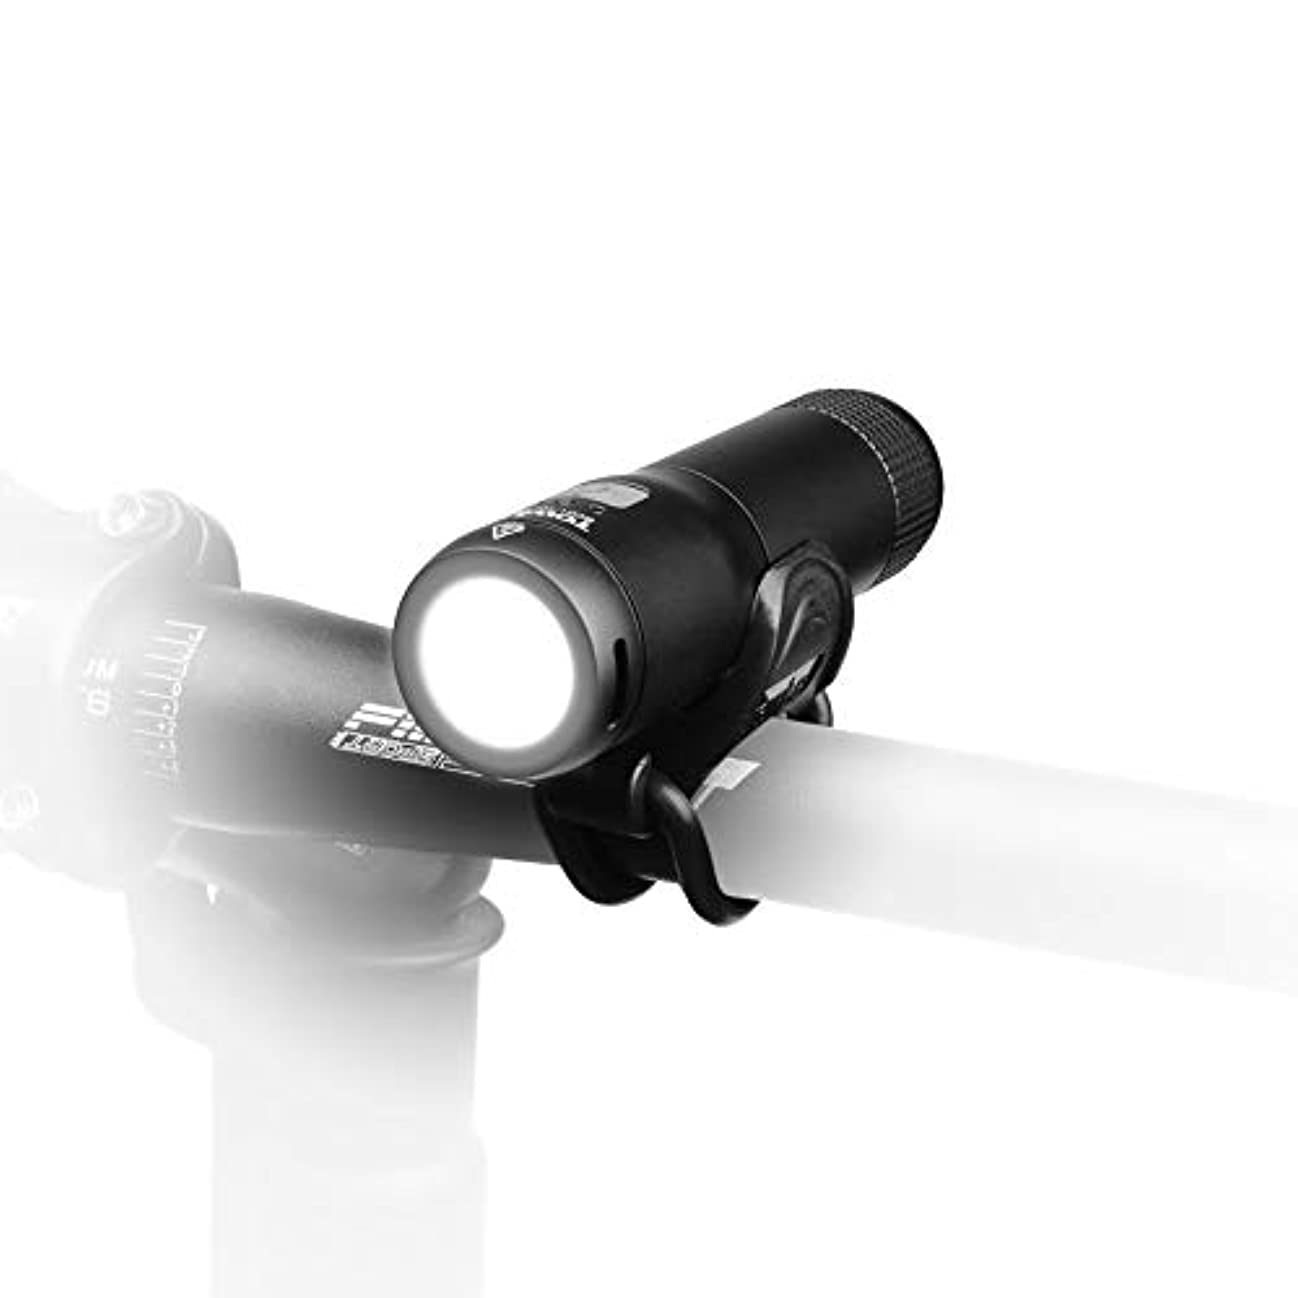 故意に気難しい雪のTOWILD 自転車ライト LED 軽量ヘッドライト USB充電 通勤通学のライト サイクリング 用ライト EDC懐中電灯 防水 防災停電用 ハンドル固定用ホルダー付